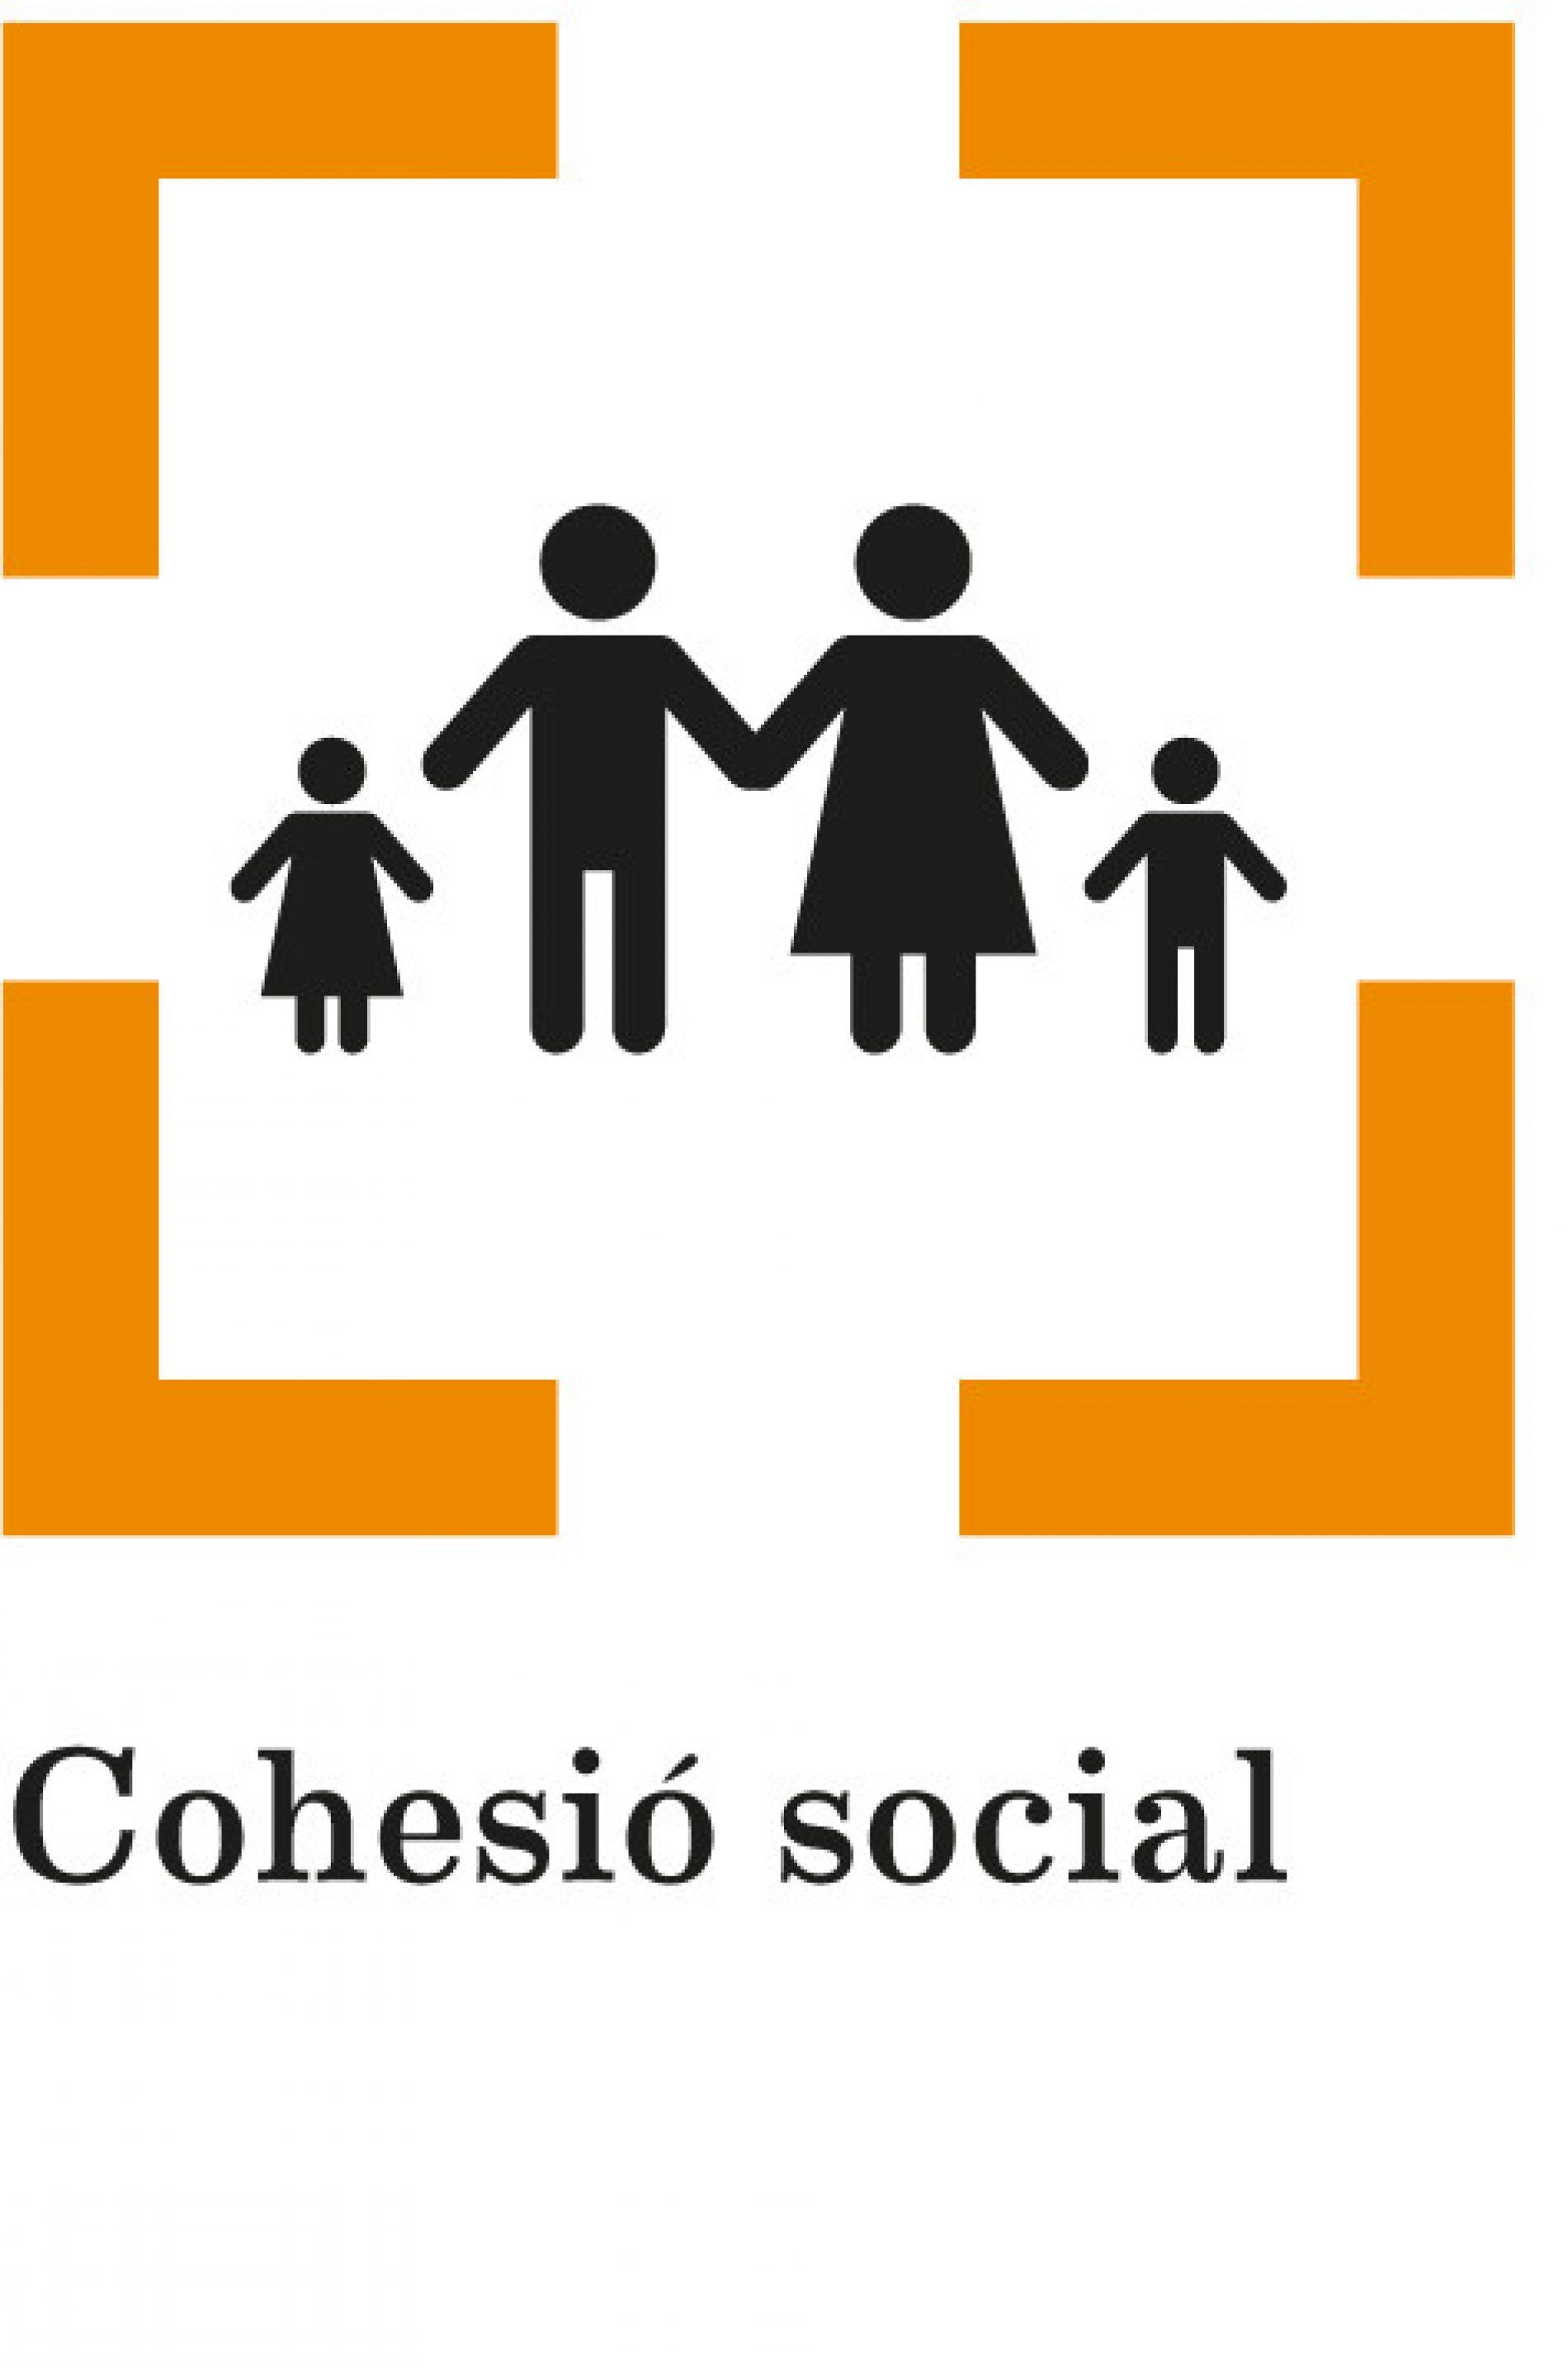 Respon.cat porta el compromís amb el territori, amb el desenvolupament econòmic responsable i amb l'empresa saludable al Bizbarcelona